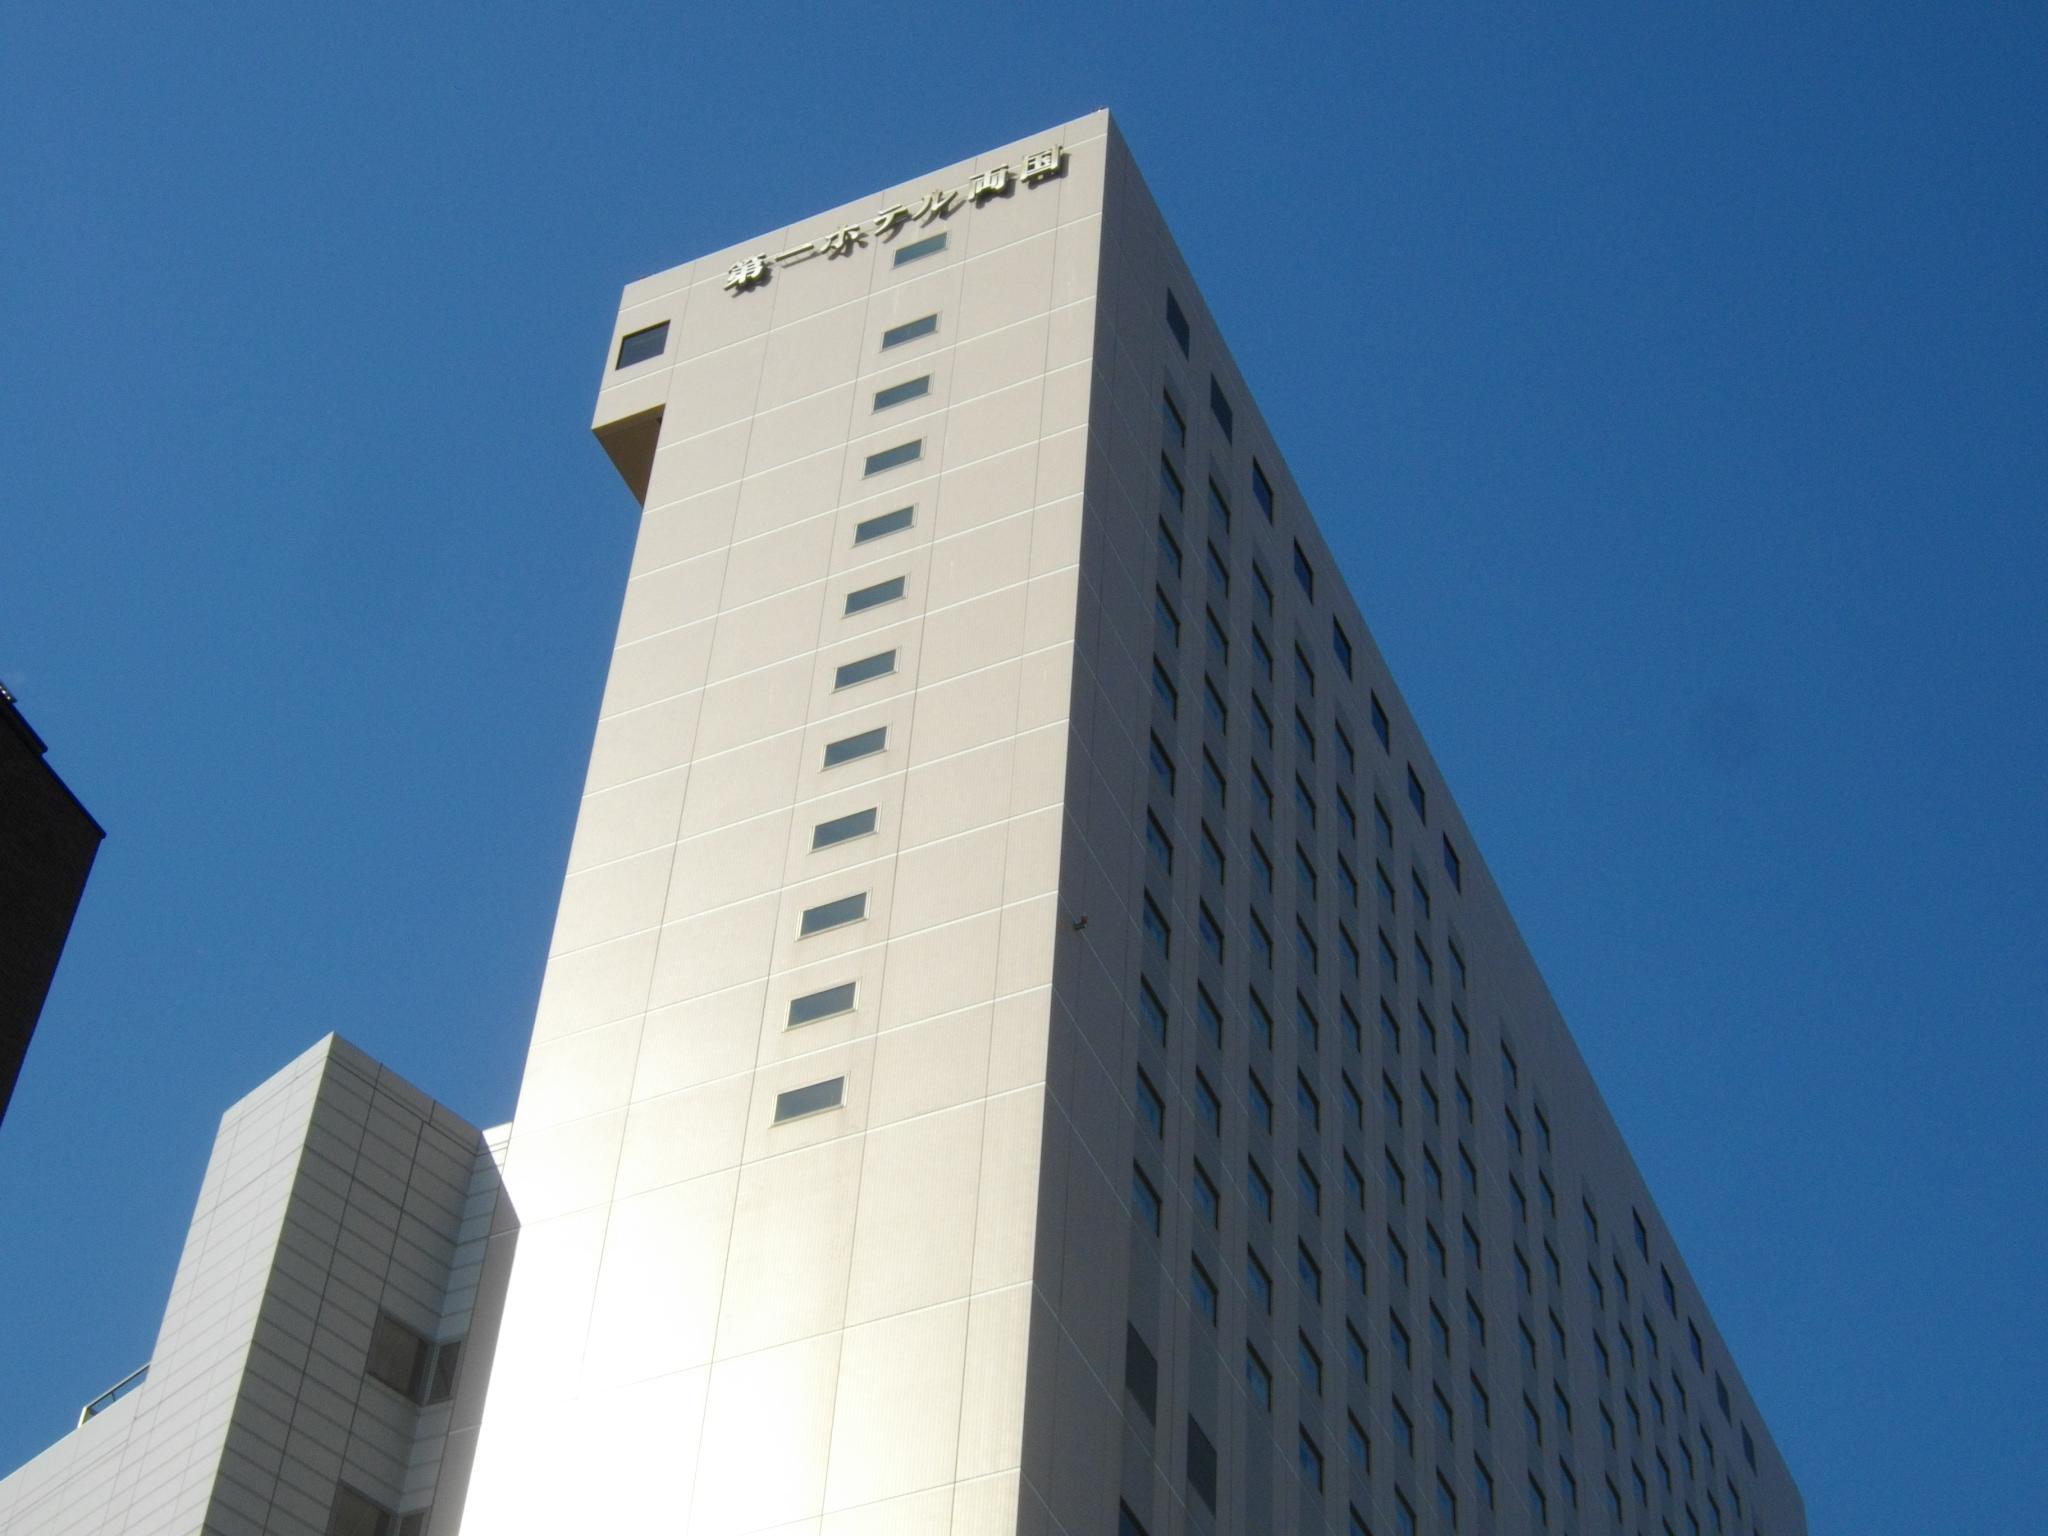 両国 第 一 ホテル 第一ホテル両国 国内ホテル ANA